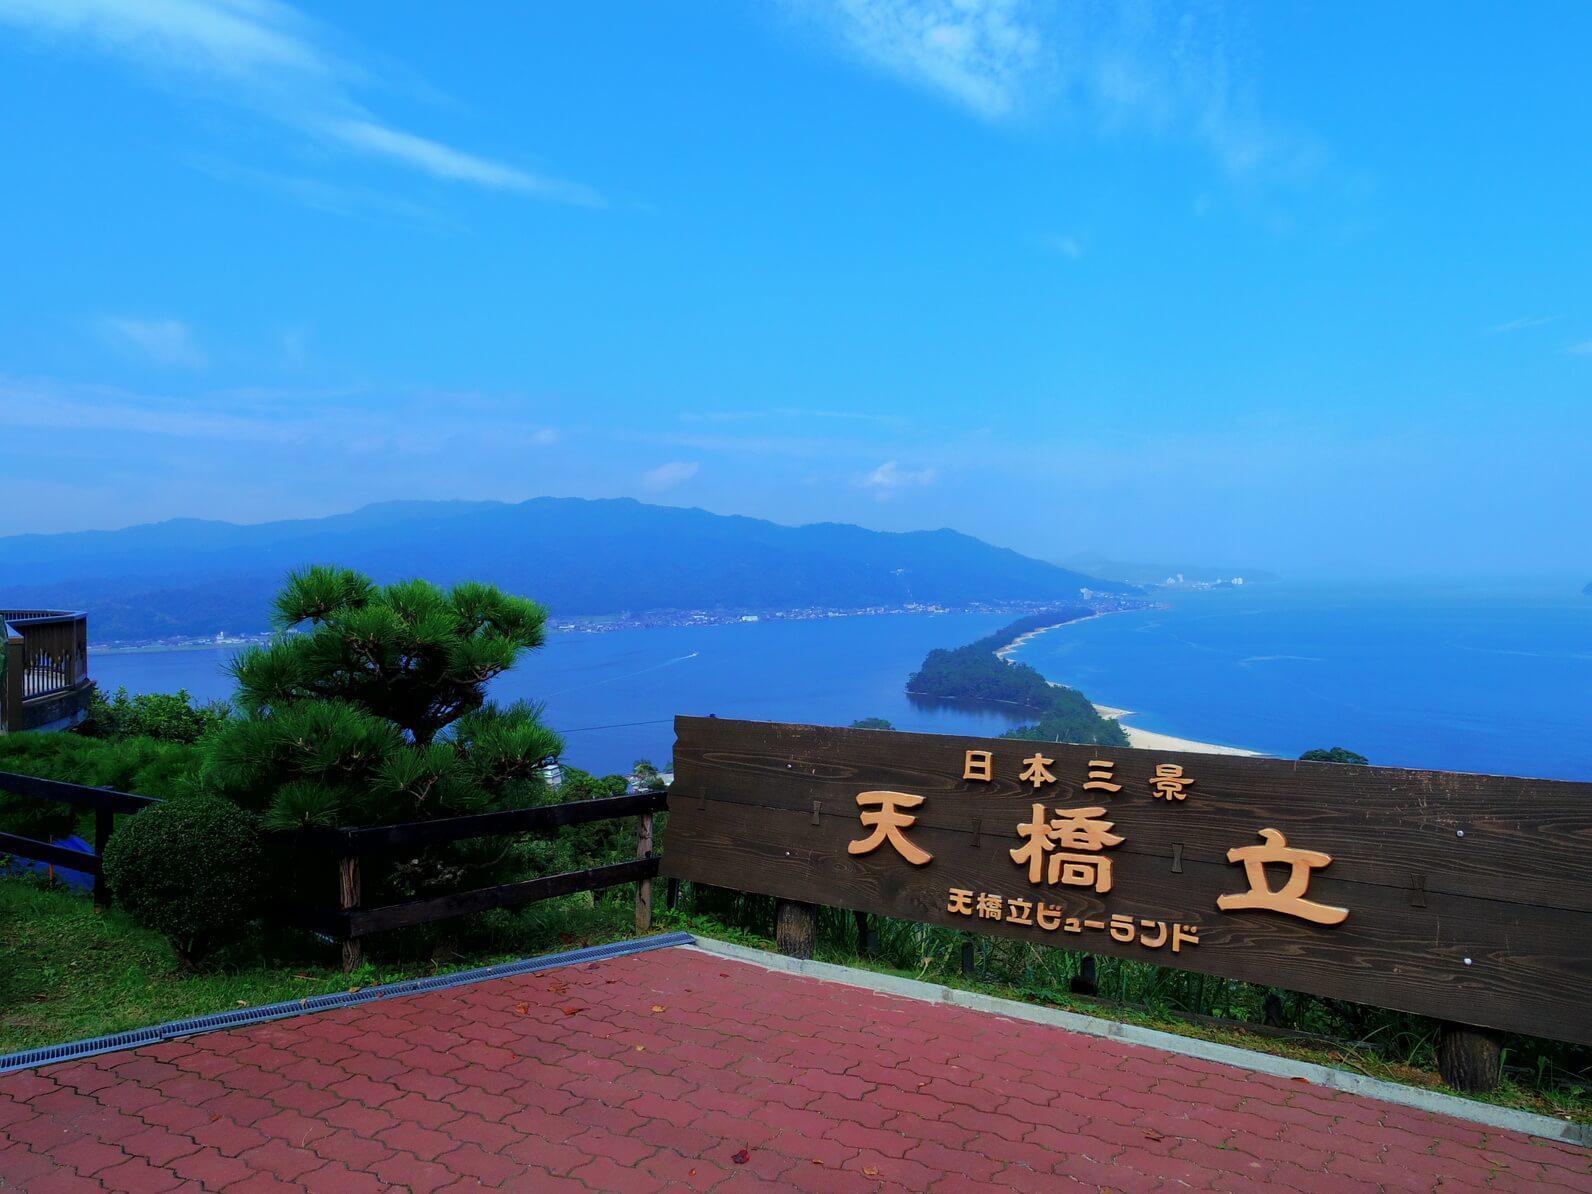 【京都のおすすめおでかけスポット】日本三景 天橋立ビューランドに行こう